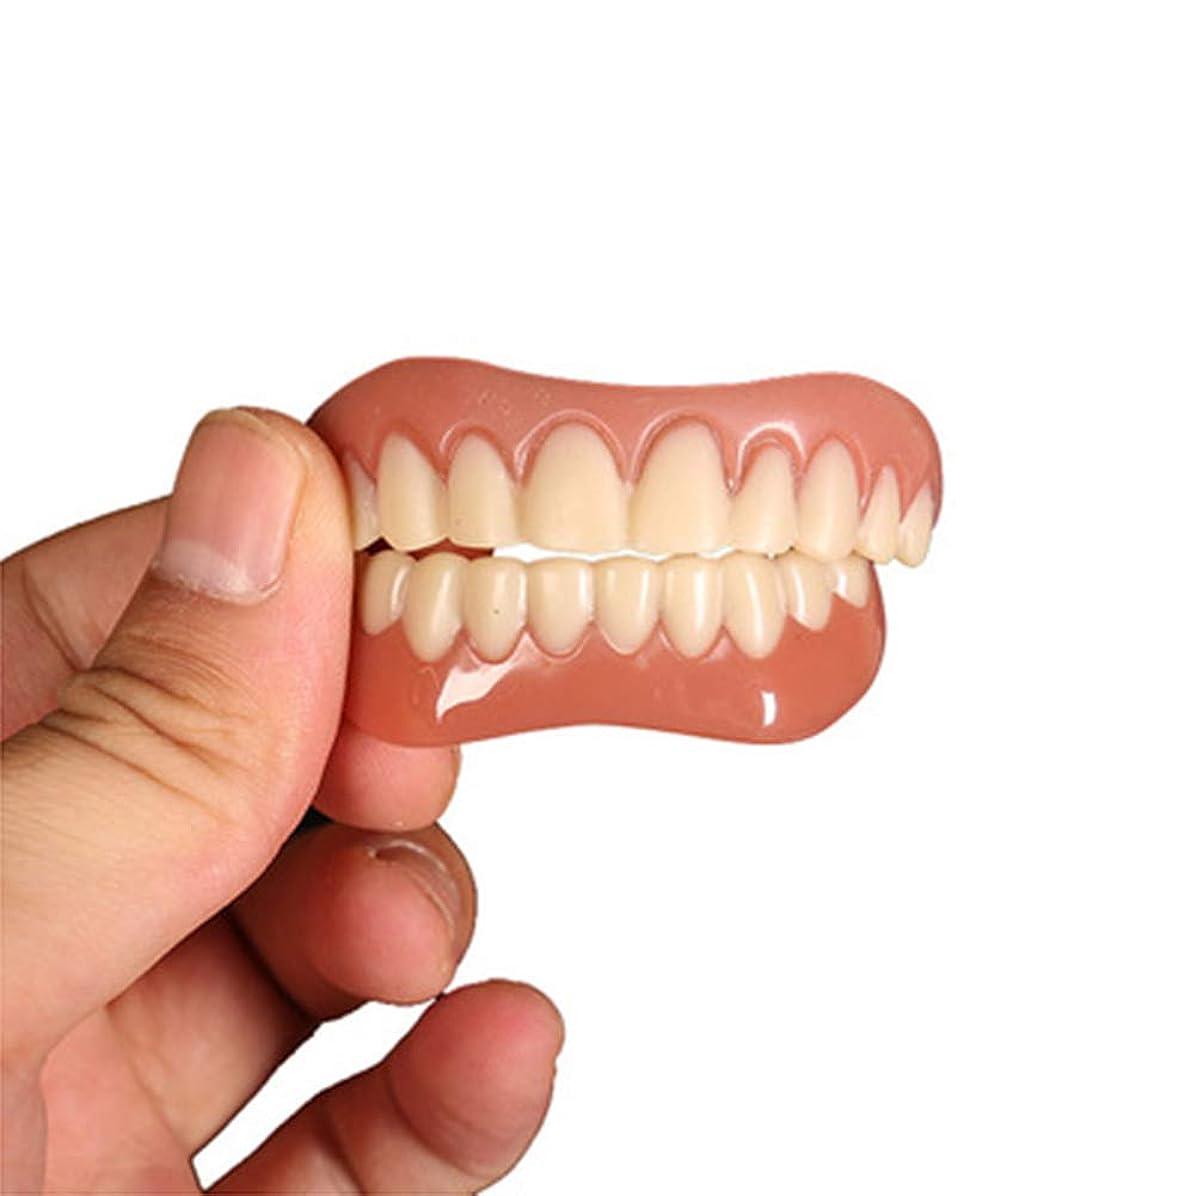 序文ミス不利8セット、化粧品の歯、白い歯をきれいにするための快適さにフィットするフレックス歯のソケット、化粧品の歯義歯の歯のトップ化粧品、